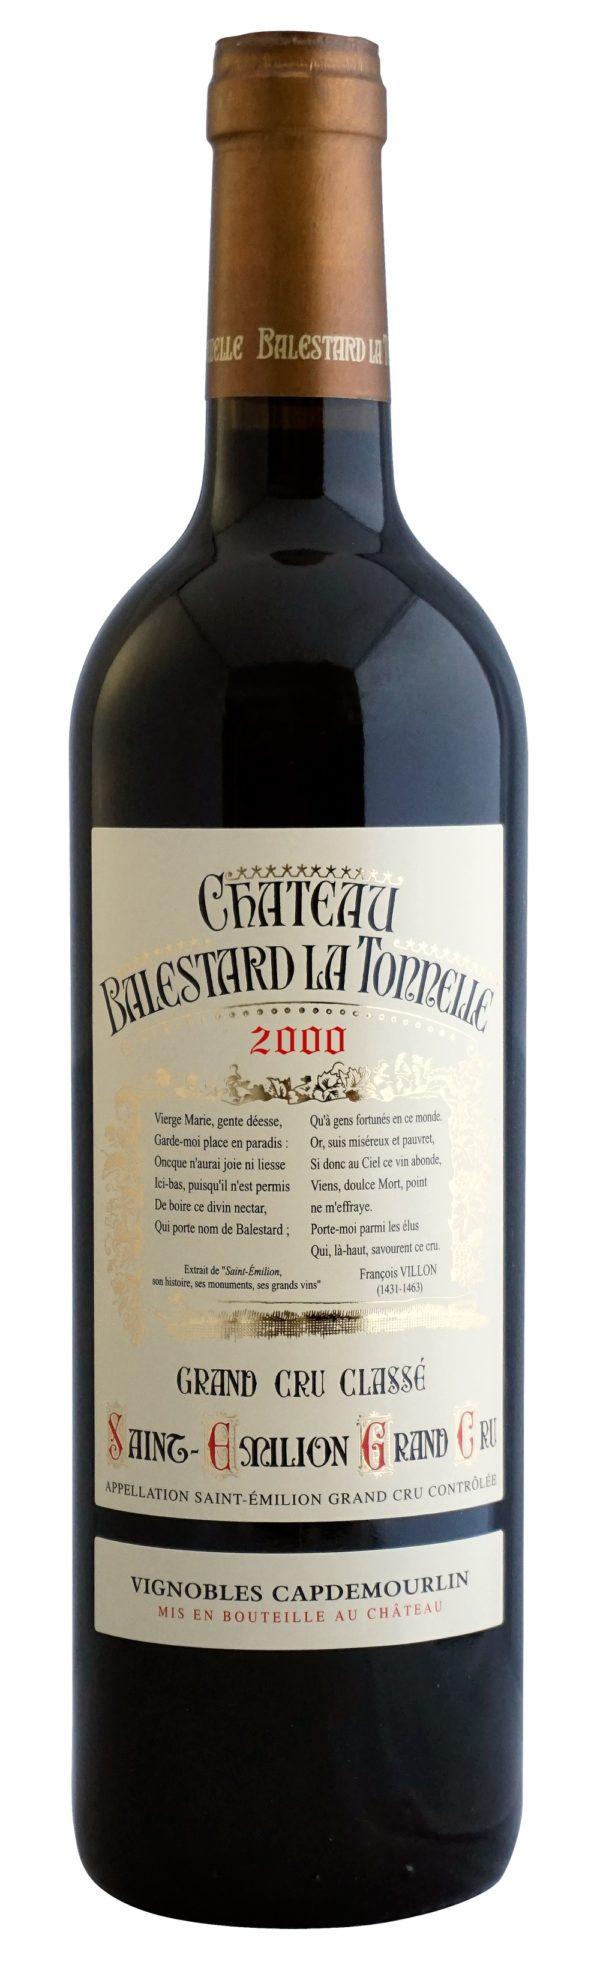 Château Balestard La Tonnelle 2000